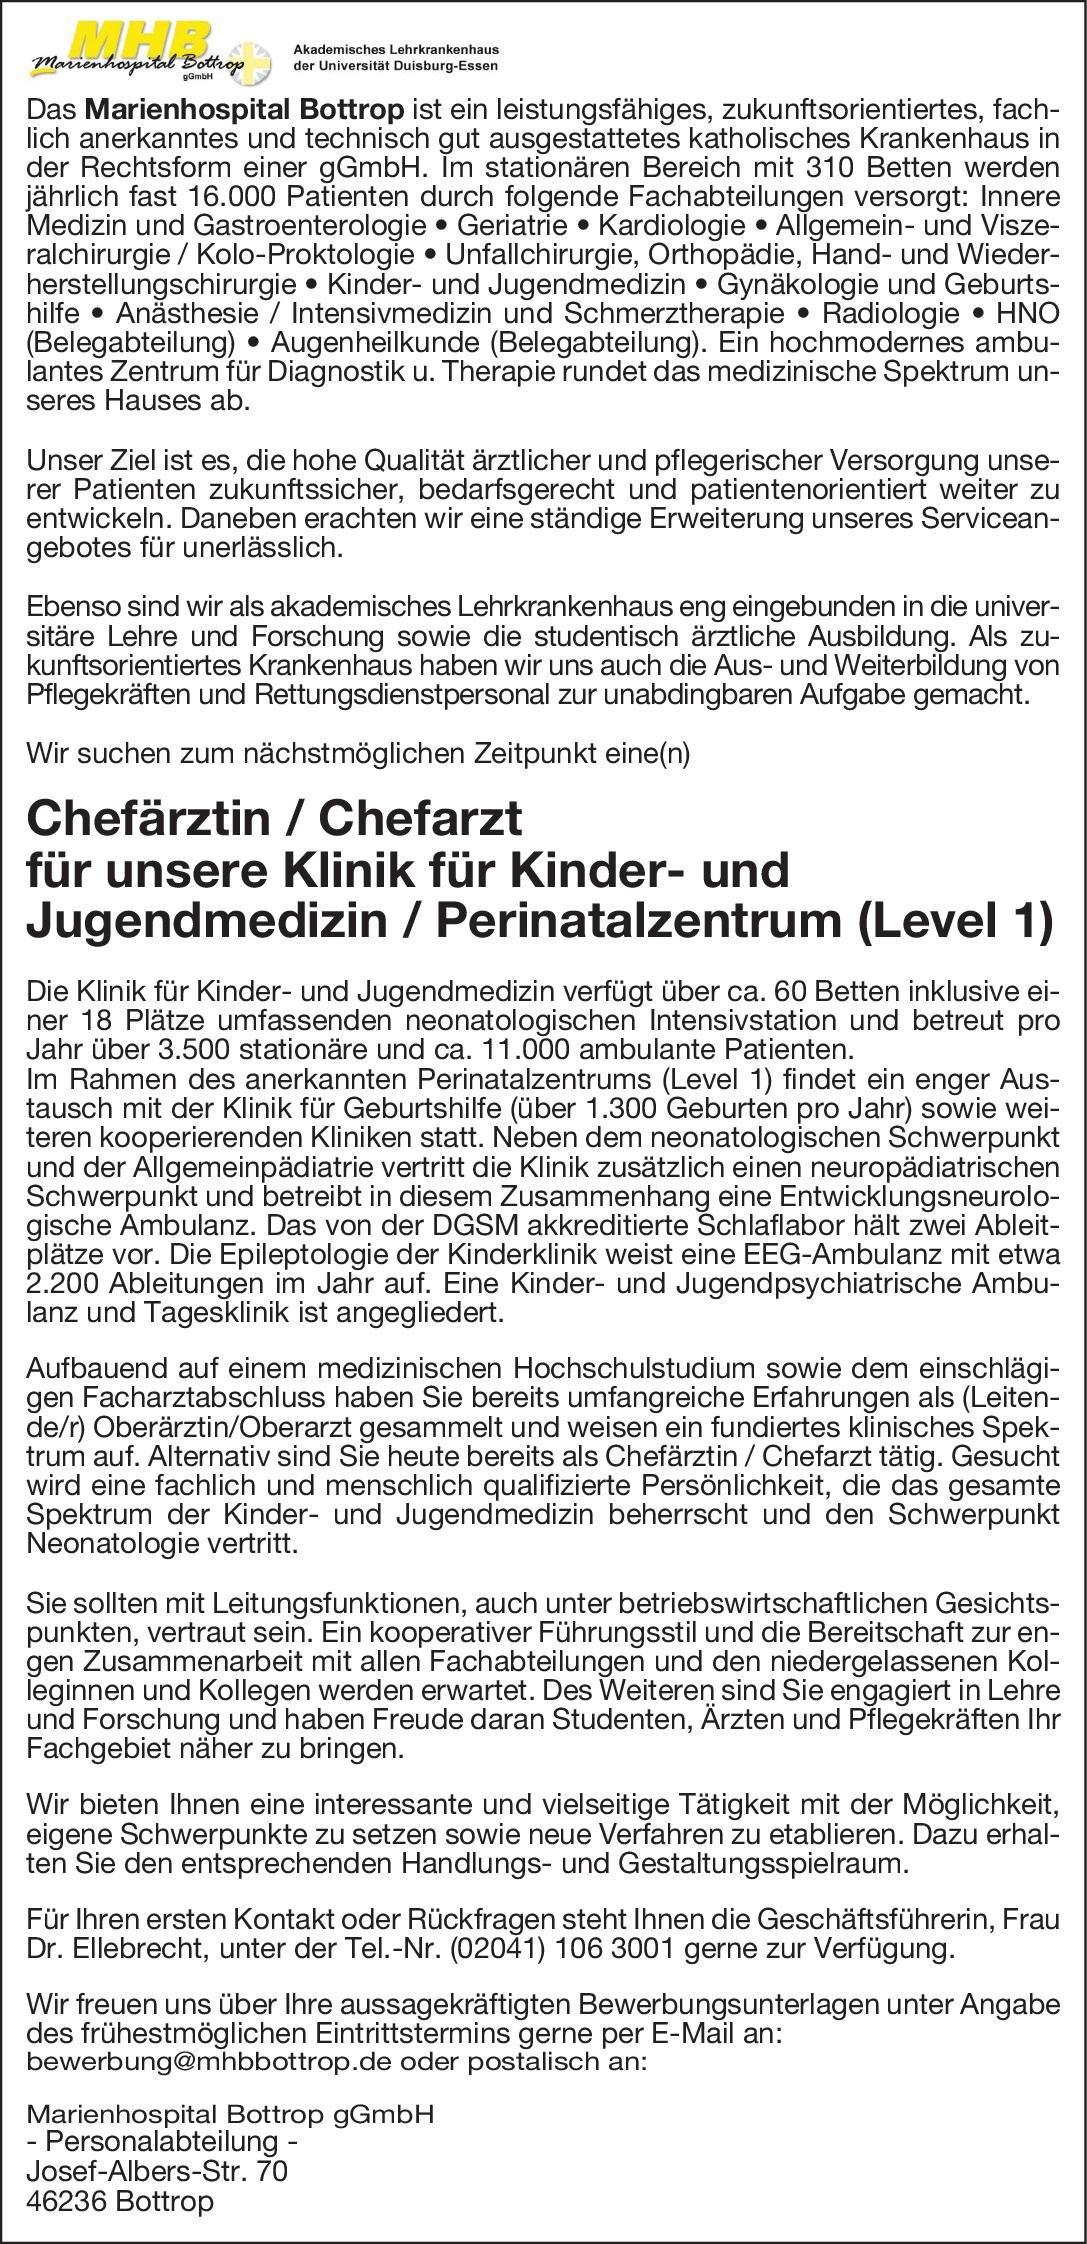 Marienhospital Bottrop gGmbH Chefärztin/Chefarzt für unsere Klinik für Kinder- und Jugendmedizin/Perinatalzentrum (Level 1)  Kinder- und Jugendmedizin, Kinder- und Jugendmedizin Chefarzt